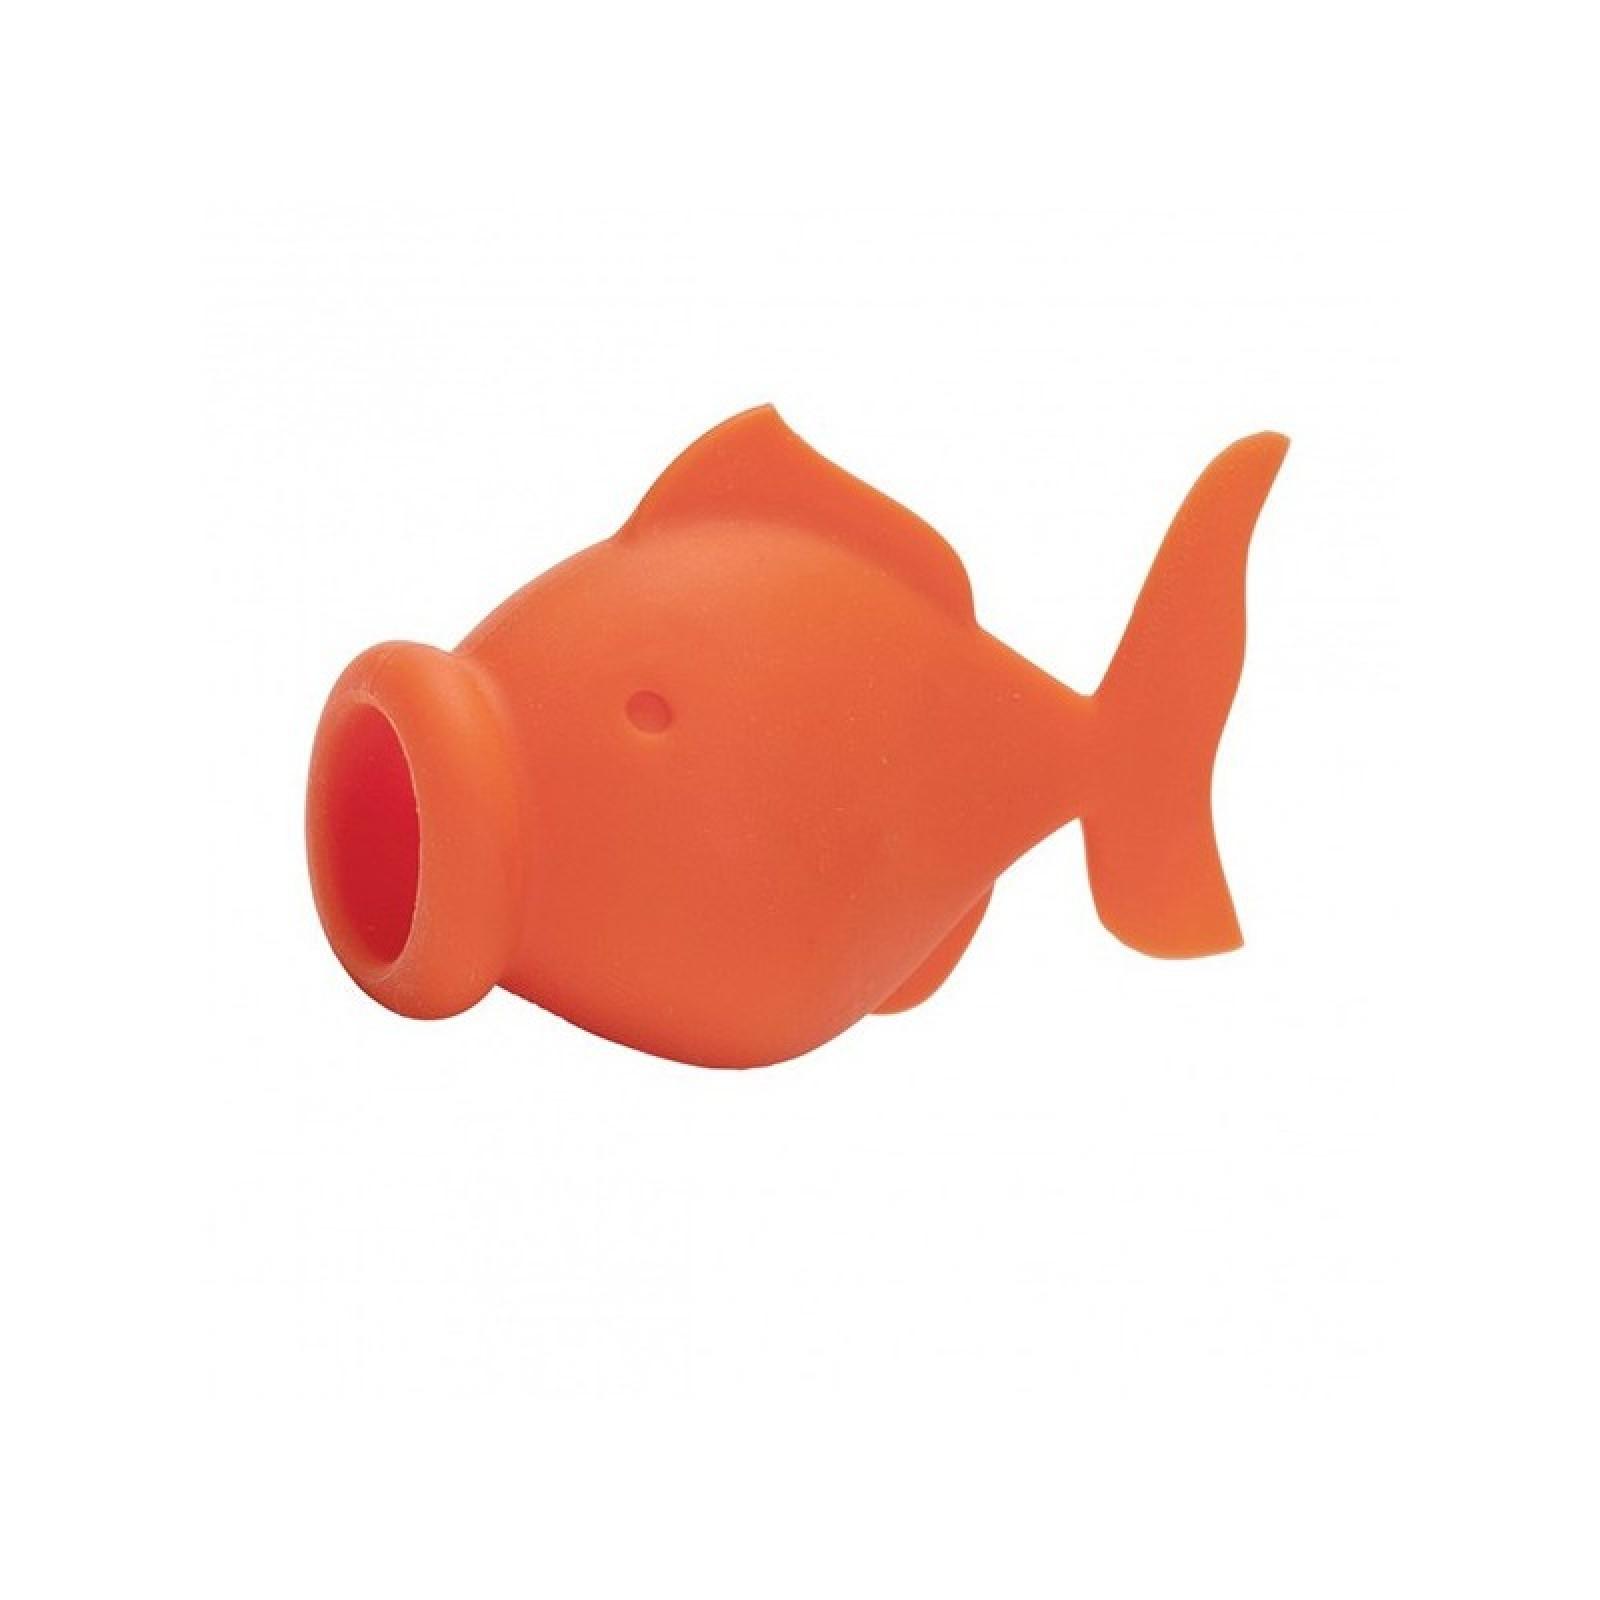 Διαχωριστής Αυγών YolkFish (Πορτοκαλί) - Peleg Design